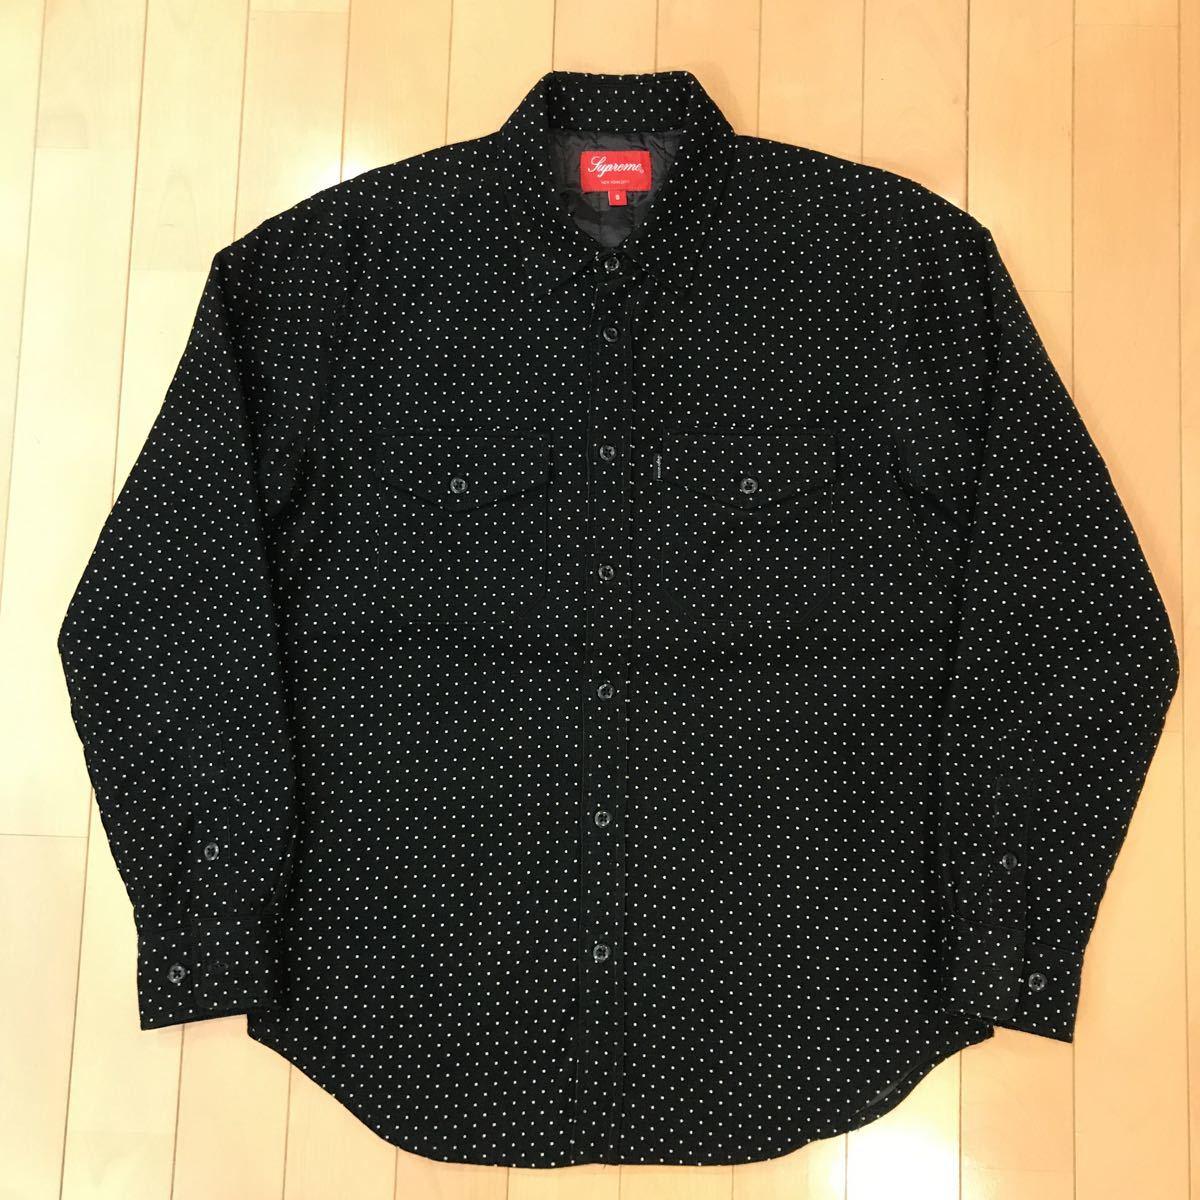 美品 Supreme Dot Corduroy Shirts 黒 S シュプリームドットコーデュロイシャツ 中綿ライナー_画像1